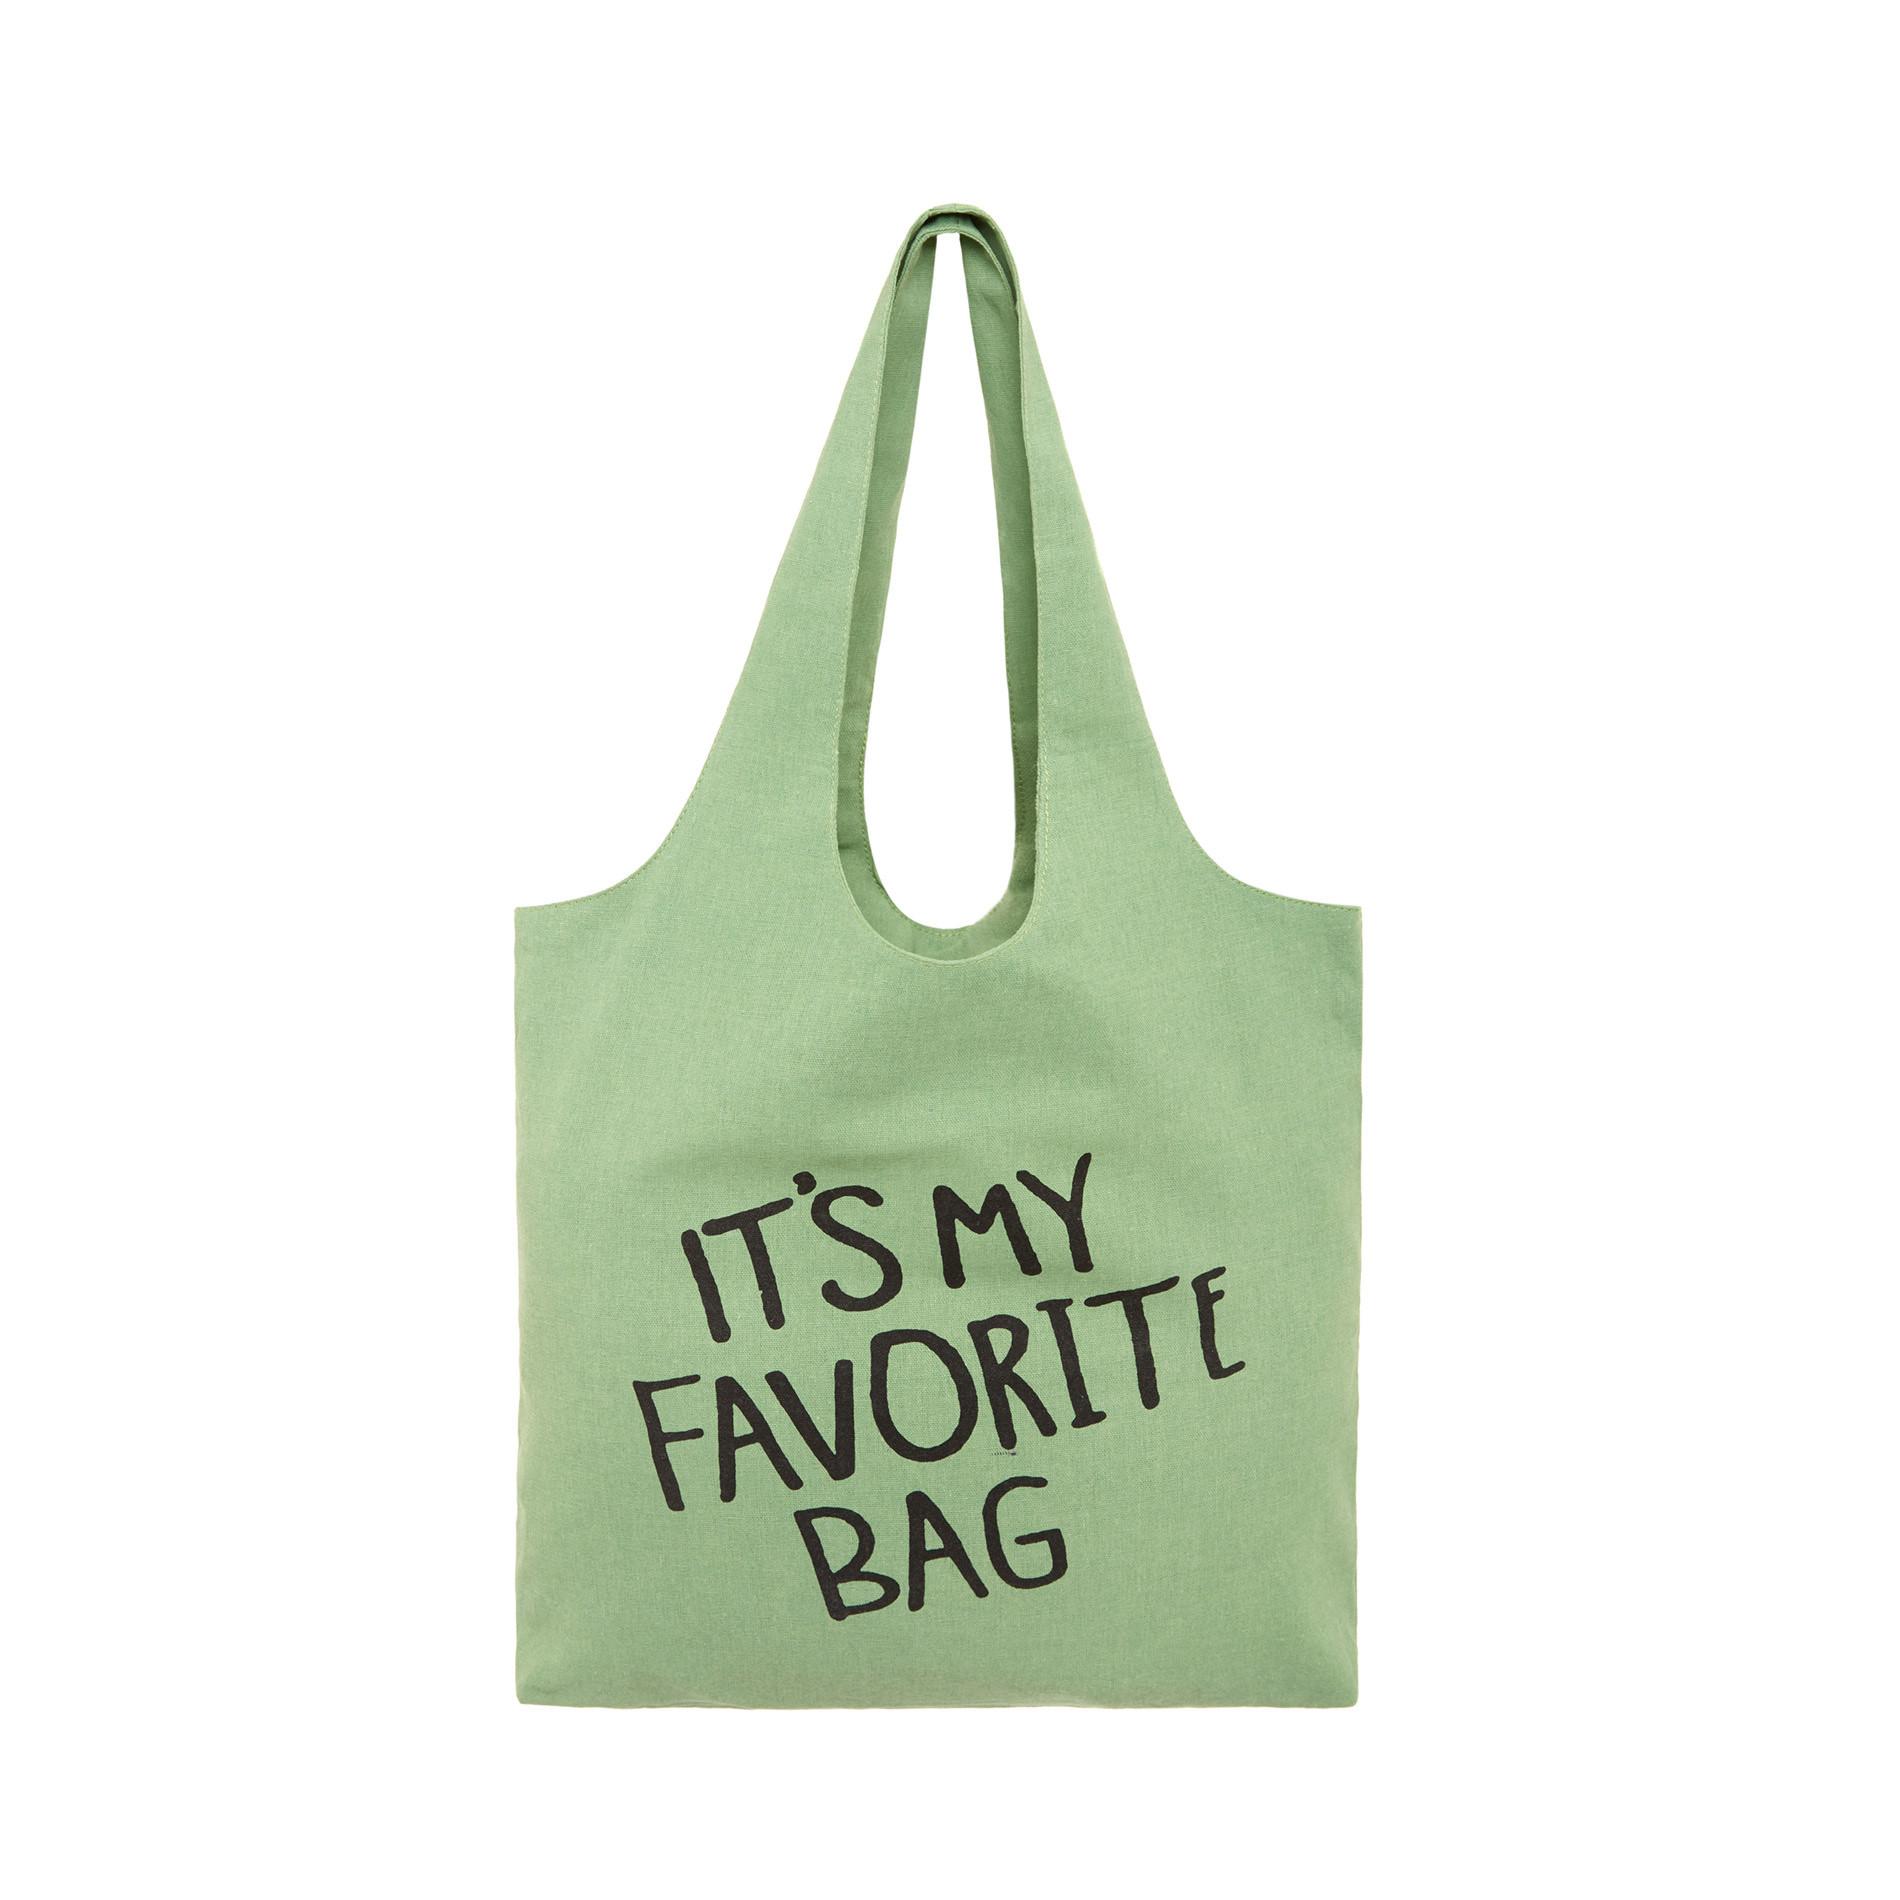 Shopper bag tessuto It's my favorite bag, Verde, large image number 0